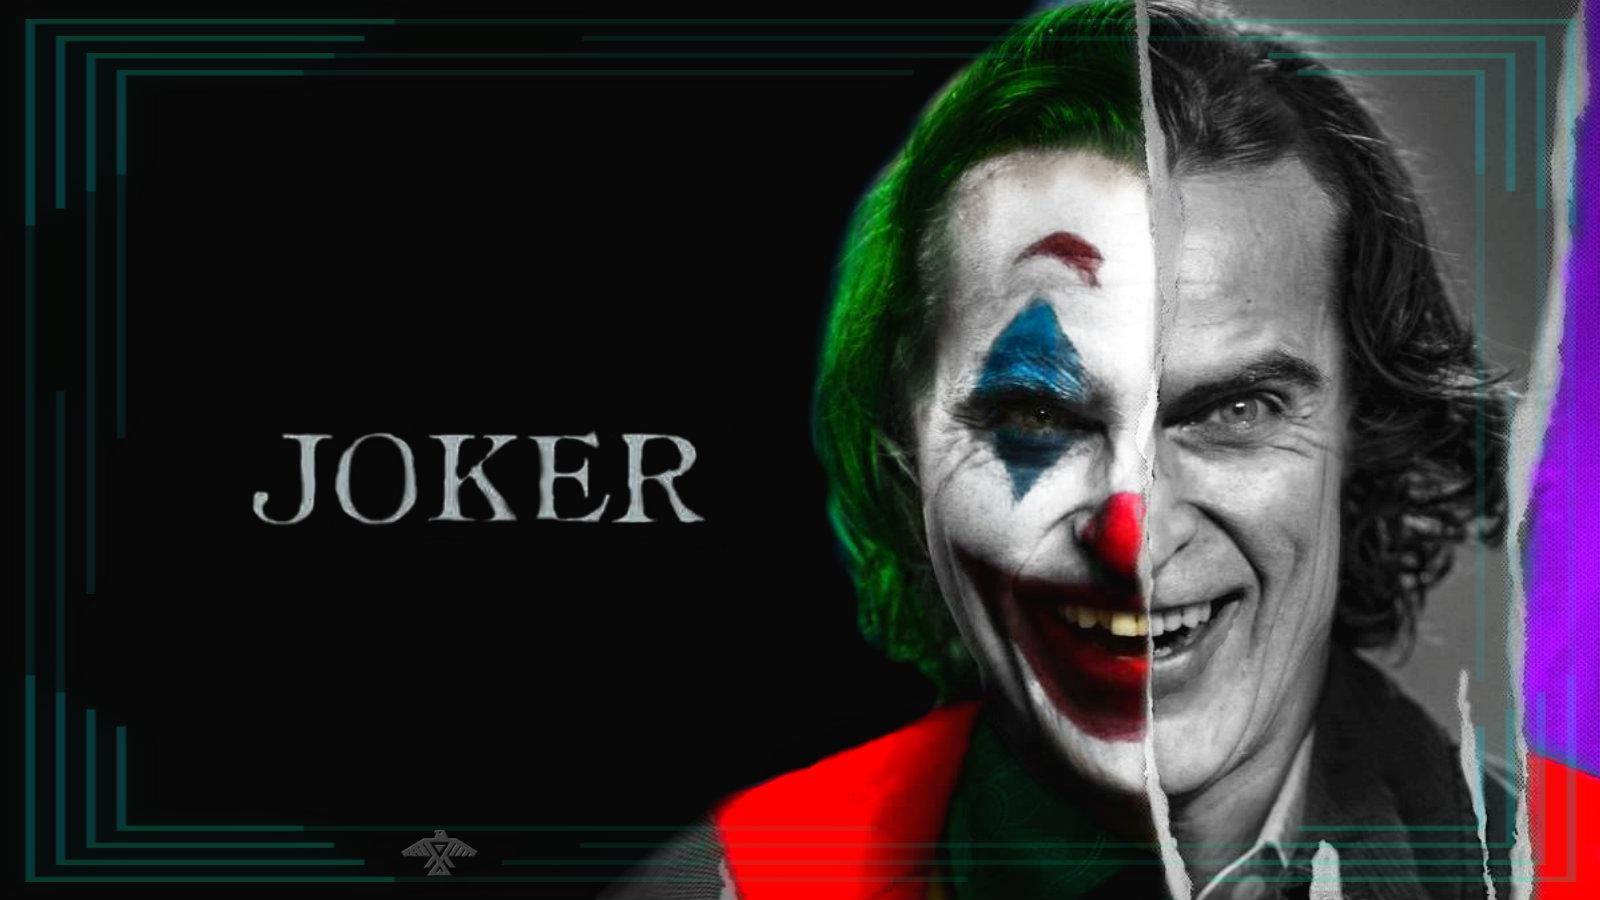 Arthur Fleck Joker 2019 Joker 2019 Wallpaper 42997798 Fanpop Page 13